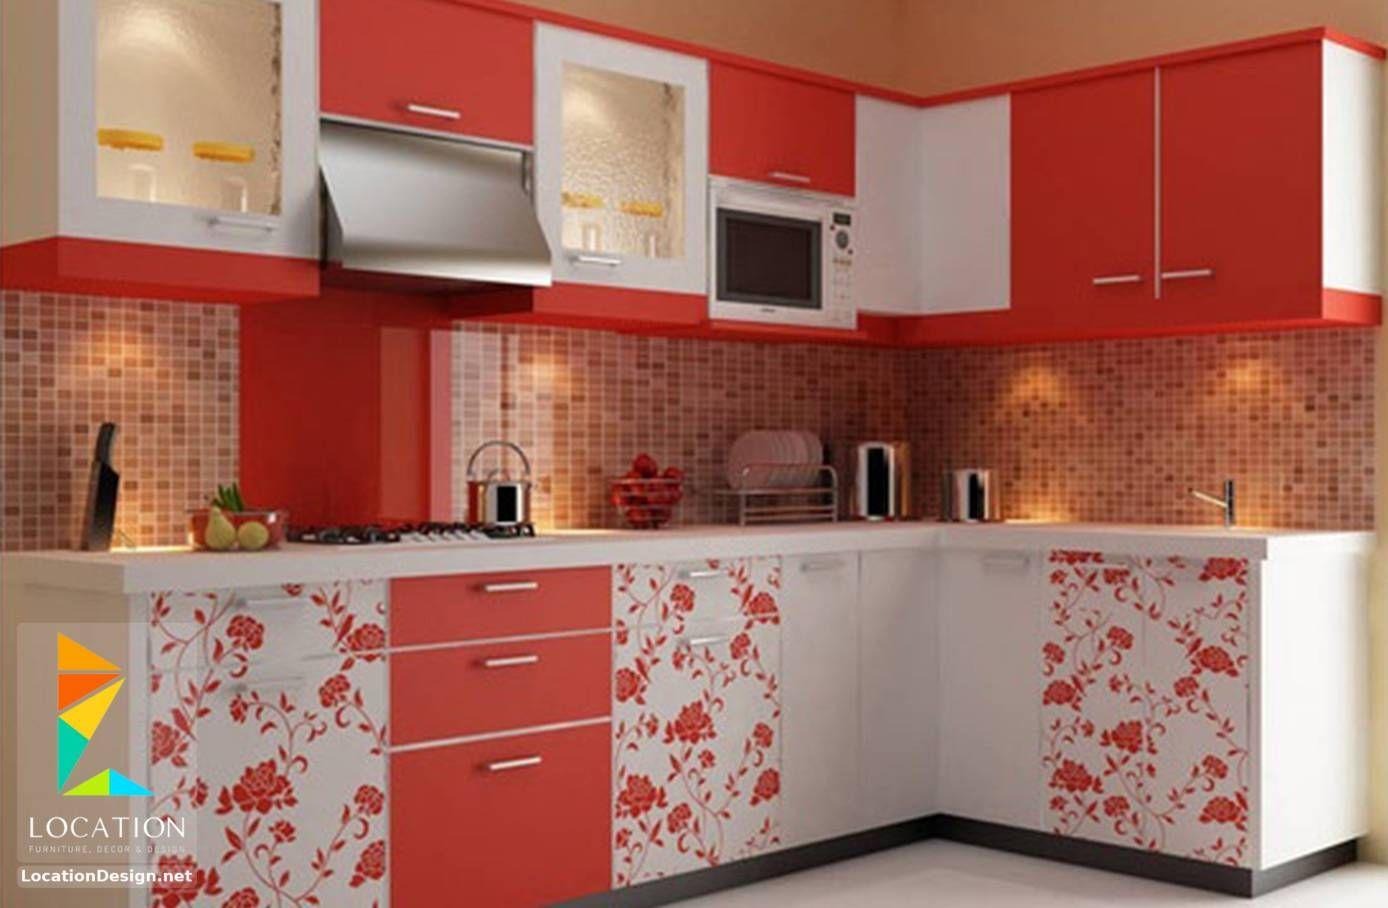 مطابخ المنيوم 2018 2019 ارقى تصميمات المطابخ الألمونيوم Custom Kitchen Cabinets Italian Kitchen Design Kitchen Design Open